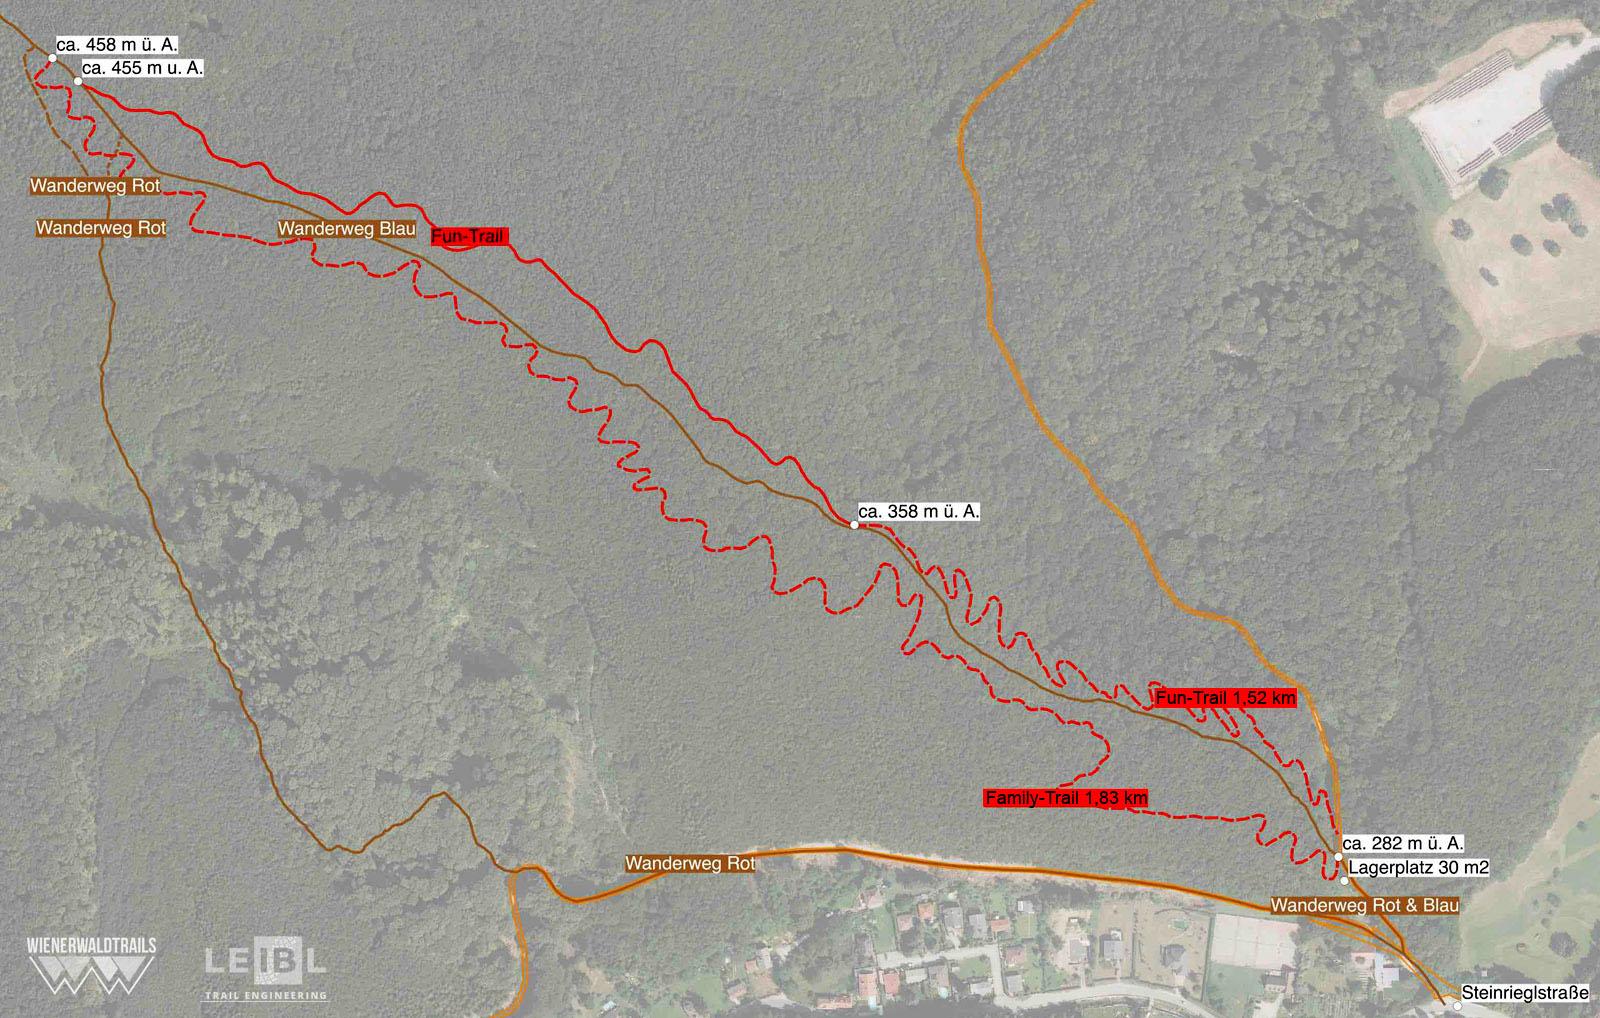 """Geplant sind zwei Strecken mit je 175 Hm: ein einfacher Flow-Trail (""""Family"""") mit vielen Kurven, Wellen und Spaßgarantie für alle, und ein anspruchsvollerer """"Fun-Trail"""" inkl. Airtime - Tables, Hips, Drops - auf den Spuren des alten, illegalen Weges. Vom Wanderweg in der Mitte sind beide räumlich getrennt, was nebst der kompletten Neutrassierung des Family-Trails durch eine teilweise Verlegung des alten Trails im unteren Bereich erreicht wird. Holzbauten sind nicht gestattet, ein Meter Niveauunterschied darf sein."""